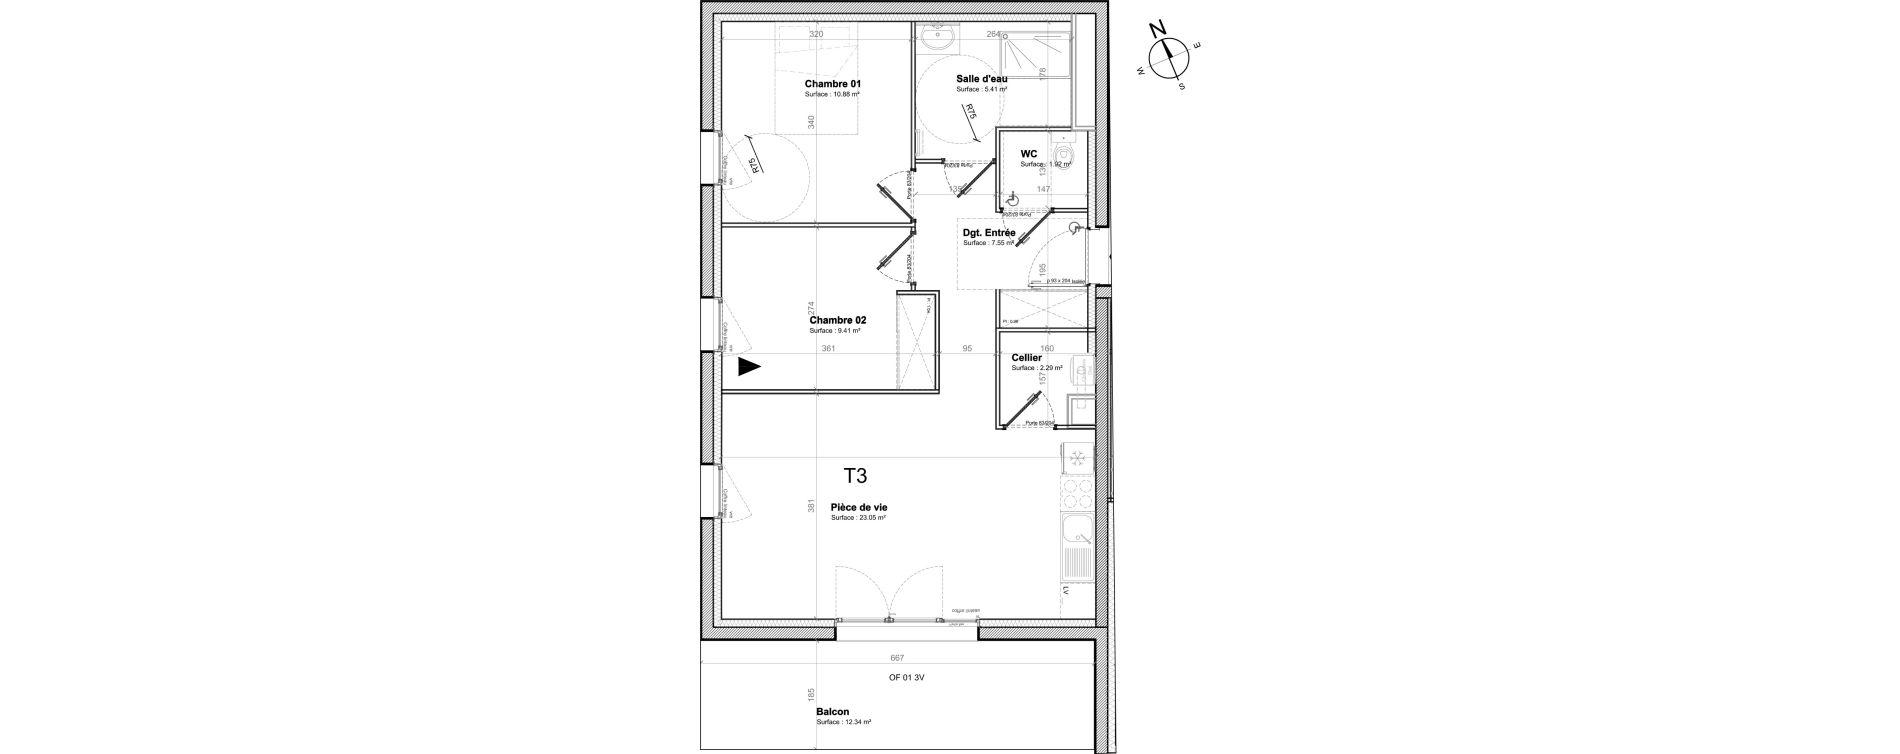 Appartement T3 de 60,51 m2 à Saint-Nazaire Saint marc sur mer